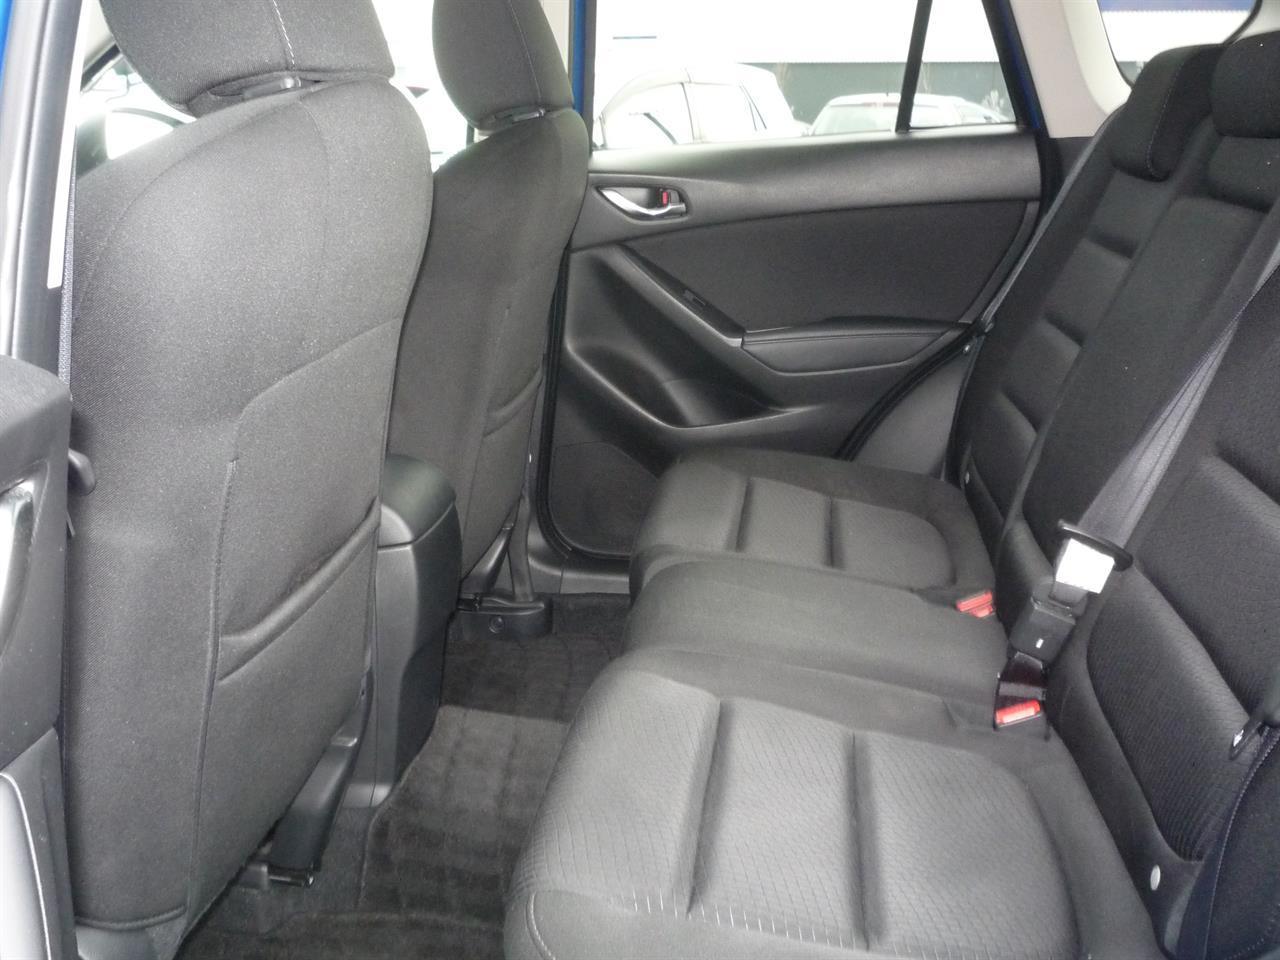 image-6, 2013 Mazda CX-5 XD-L 2WD at Dunedin